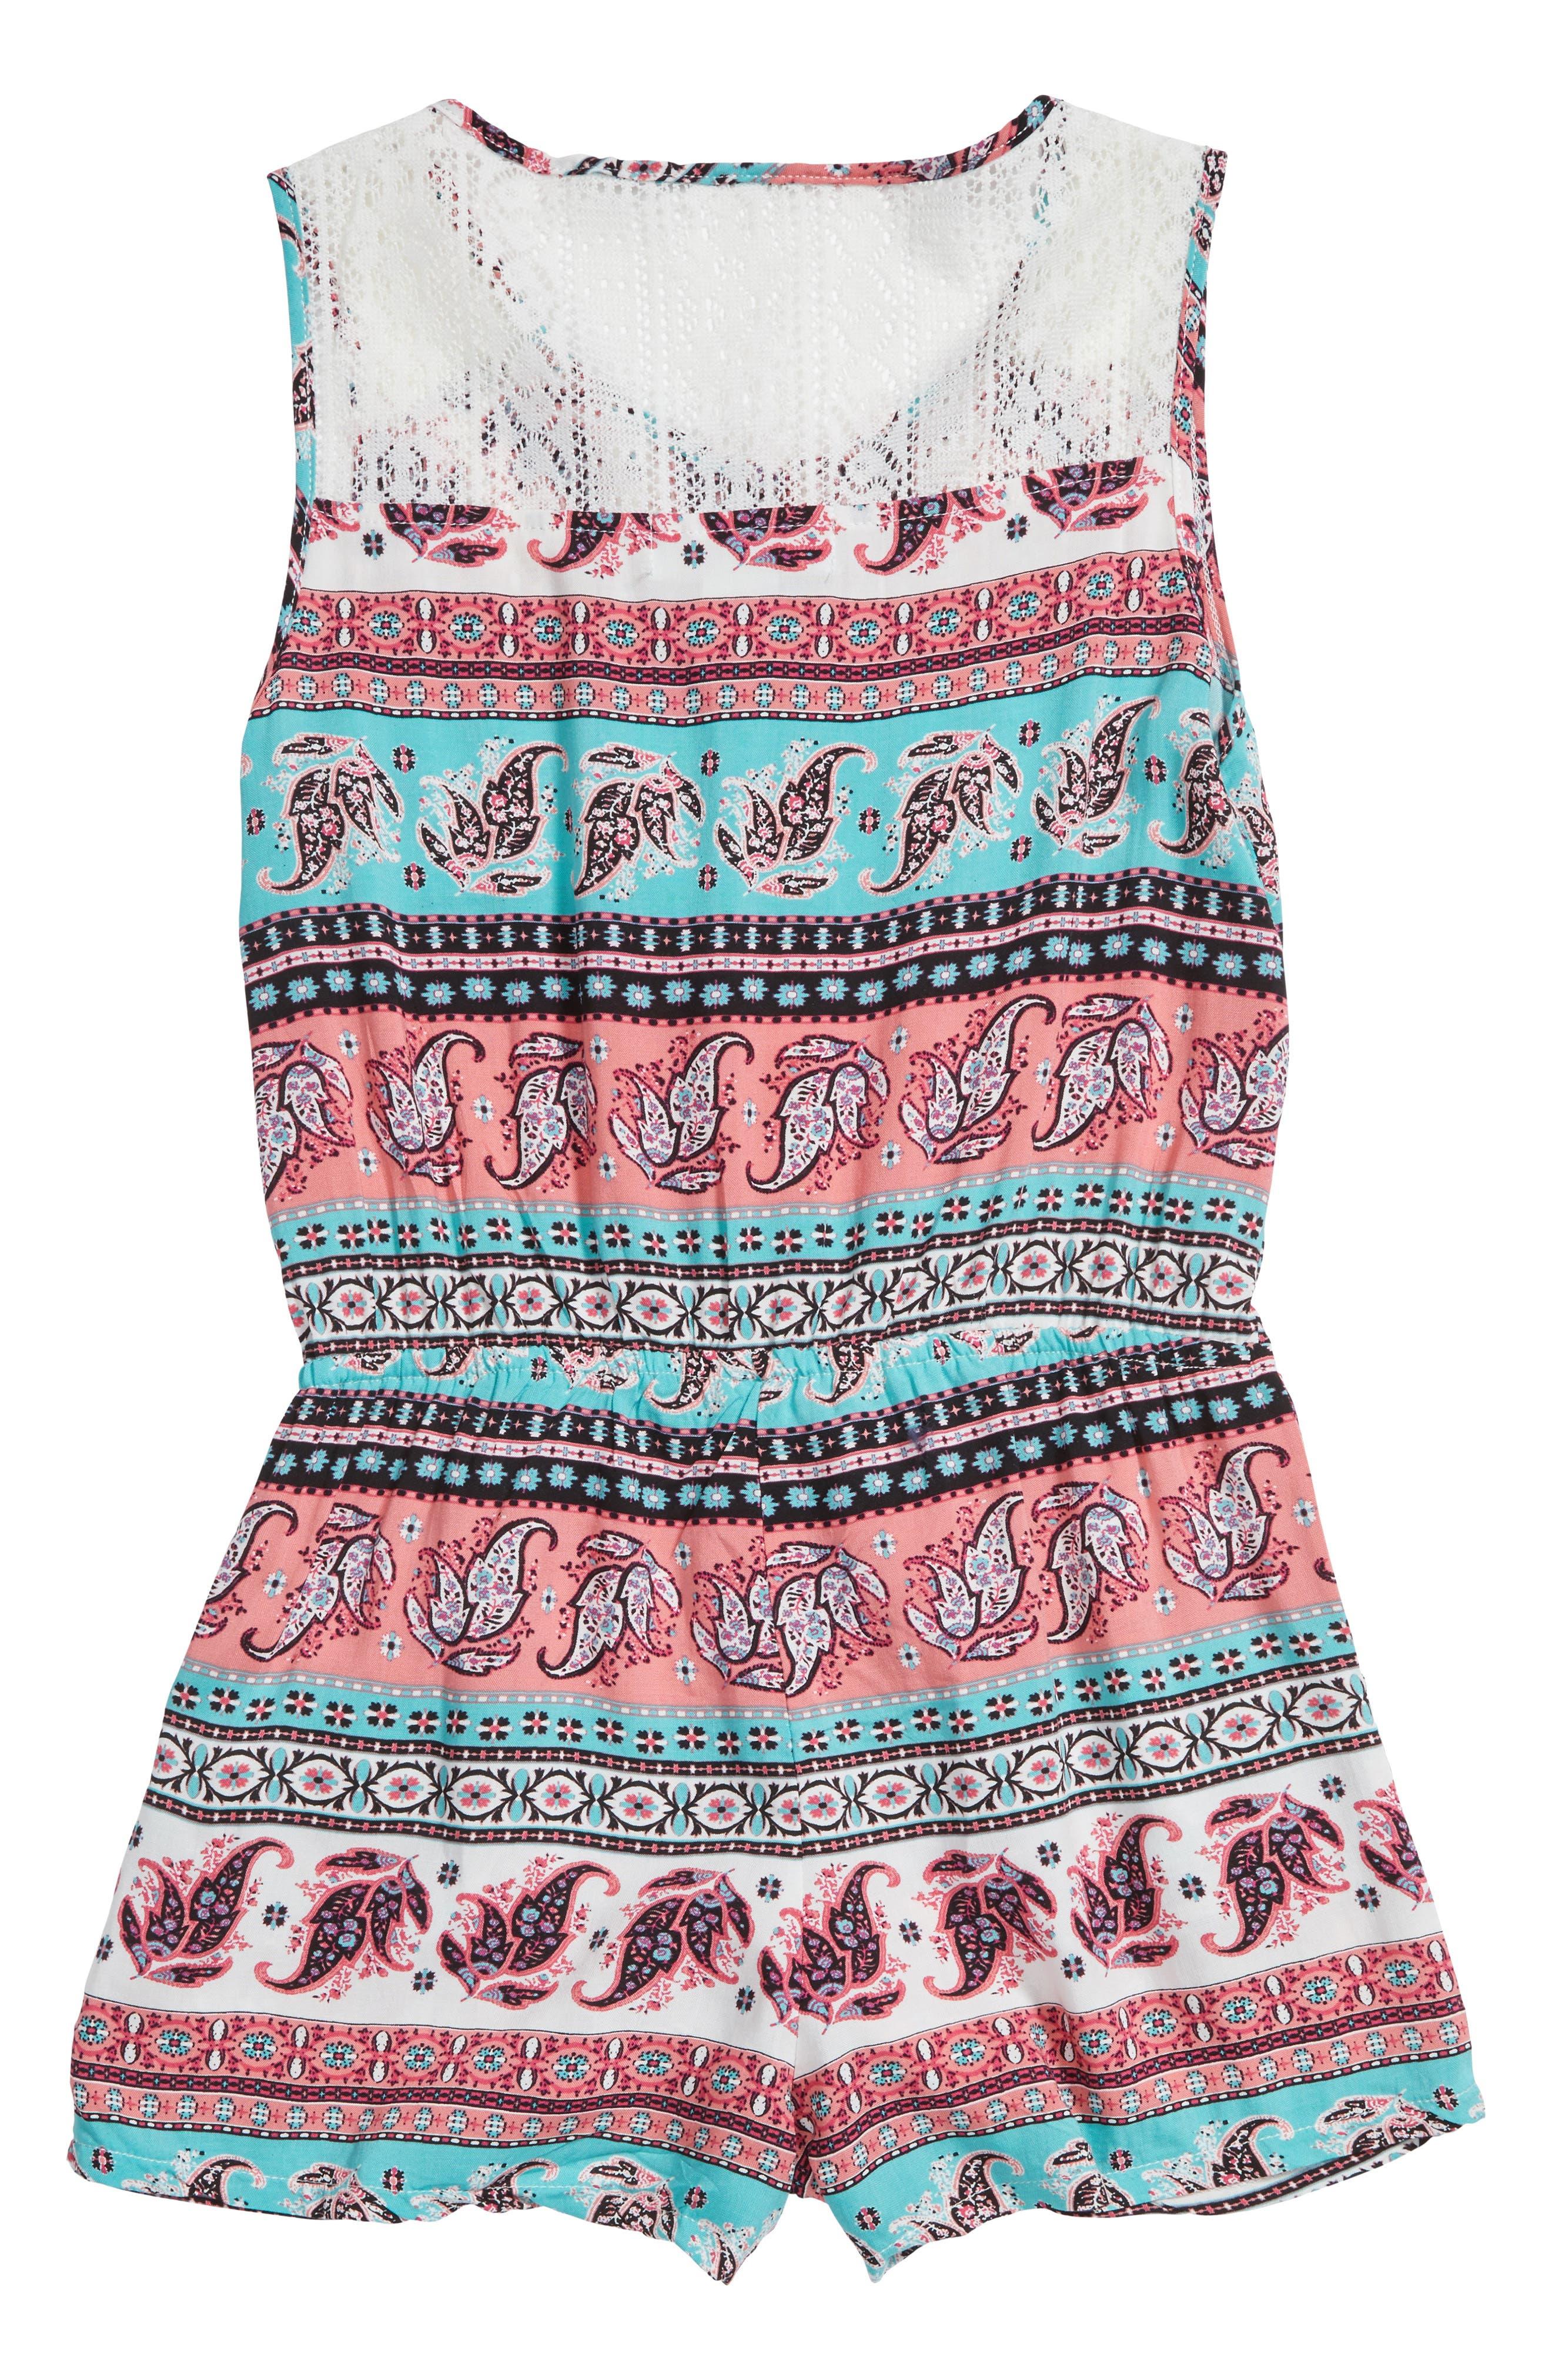 Lace Back Romper,                             Alternate thumbnail 2, color,                             Coral/ Mint